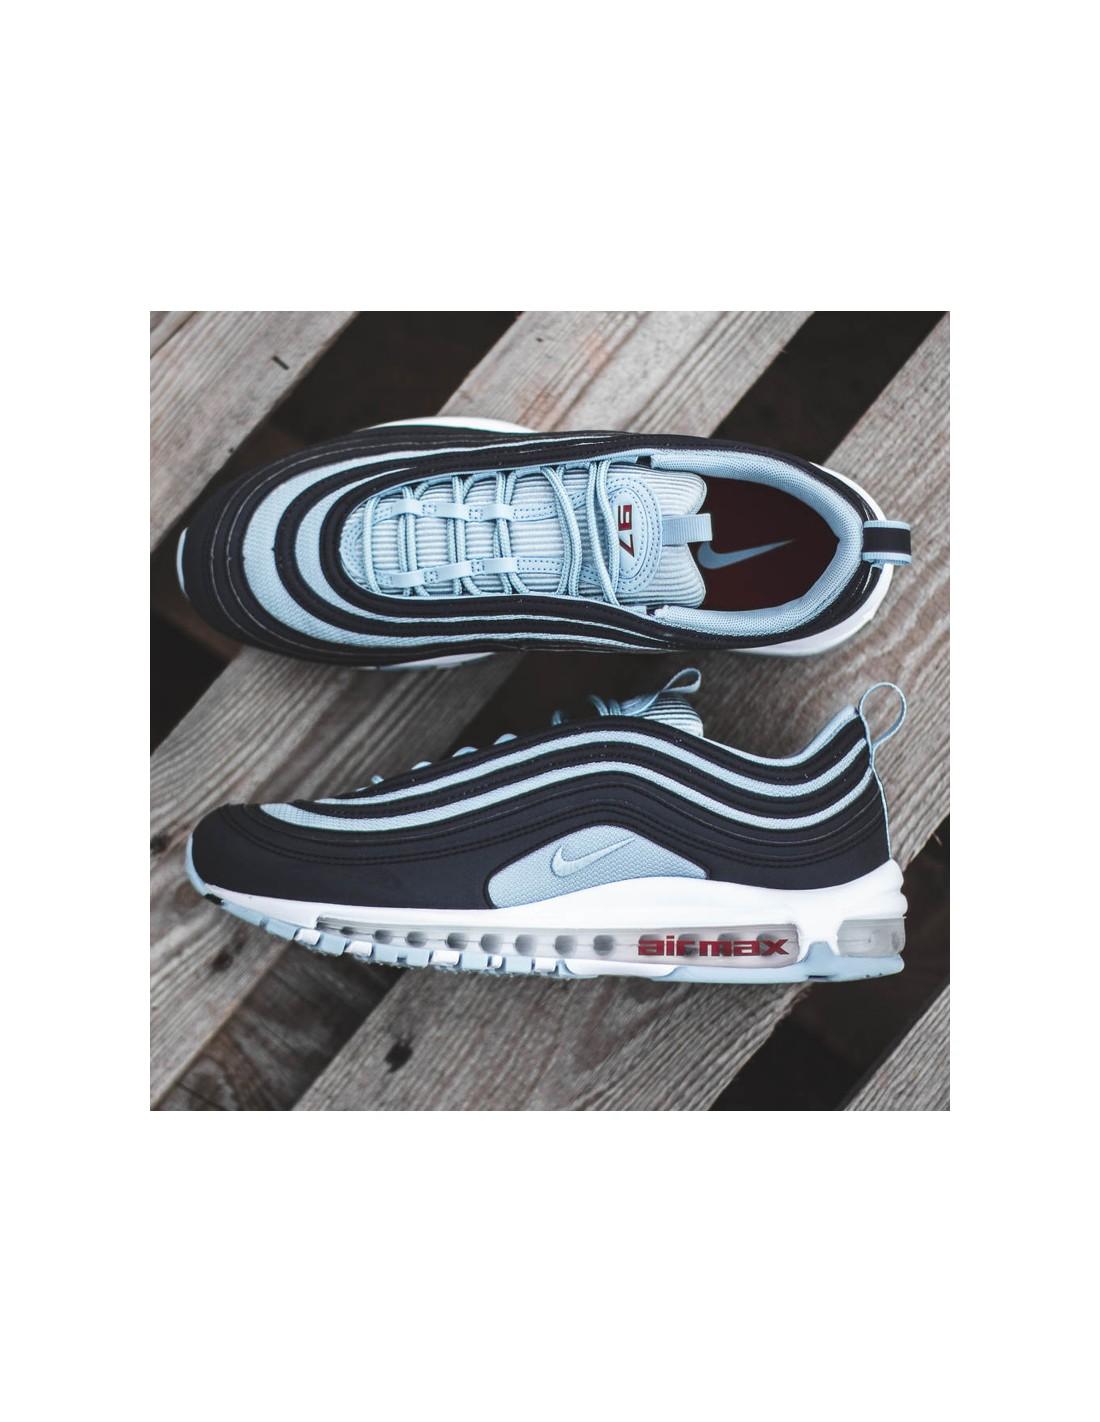 Cheap Men's Nike Air Max 90 Premium Casual Shoes Ocean Bliss